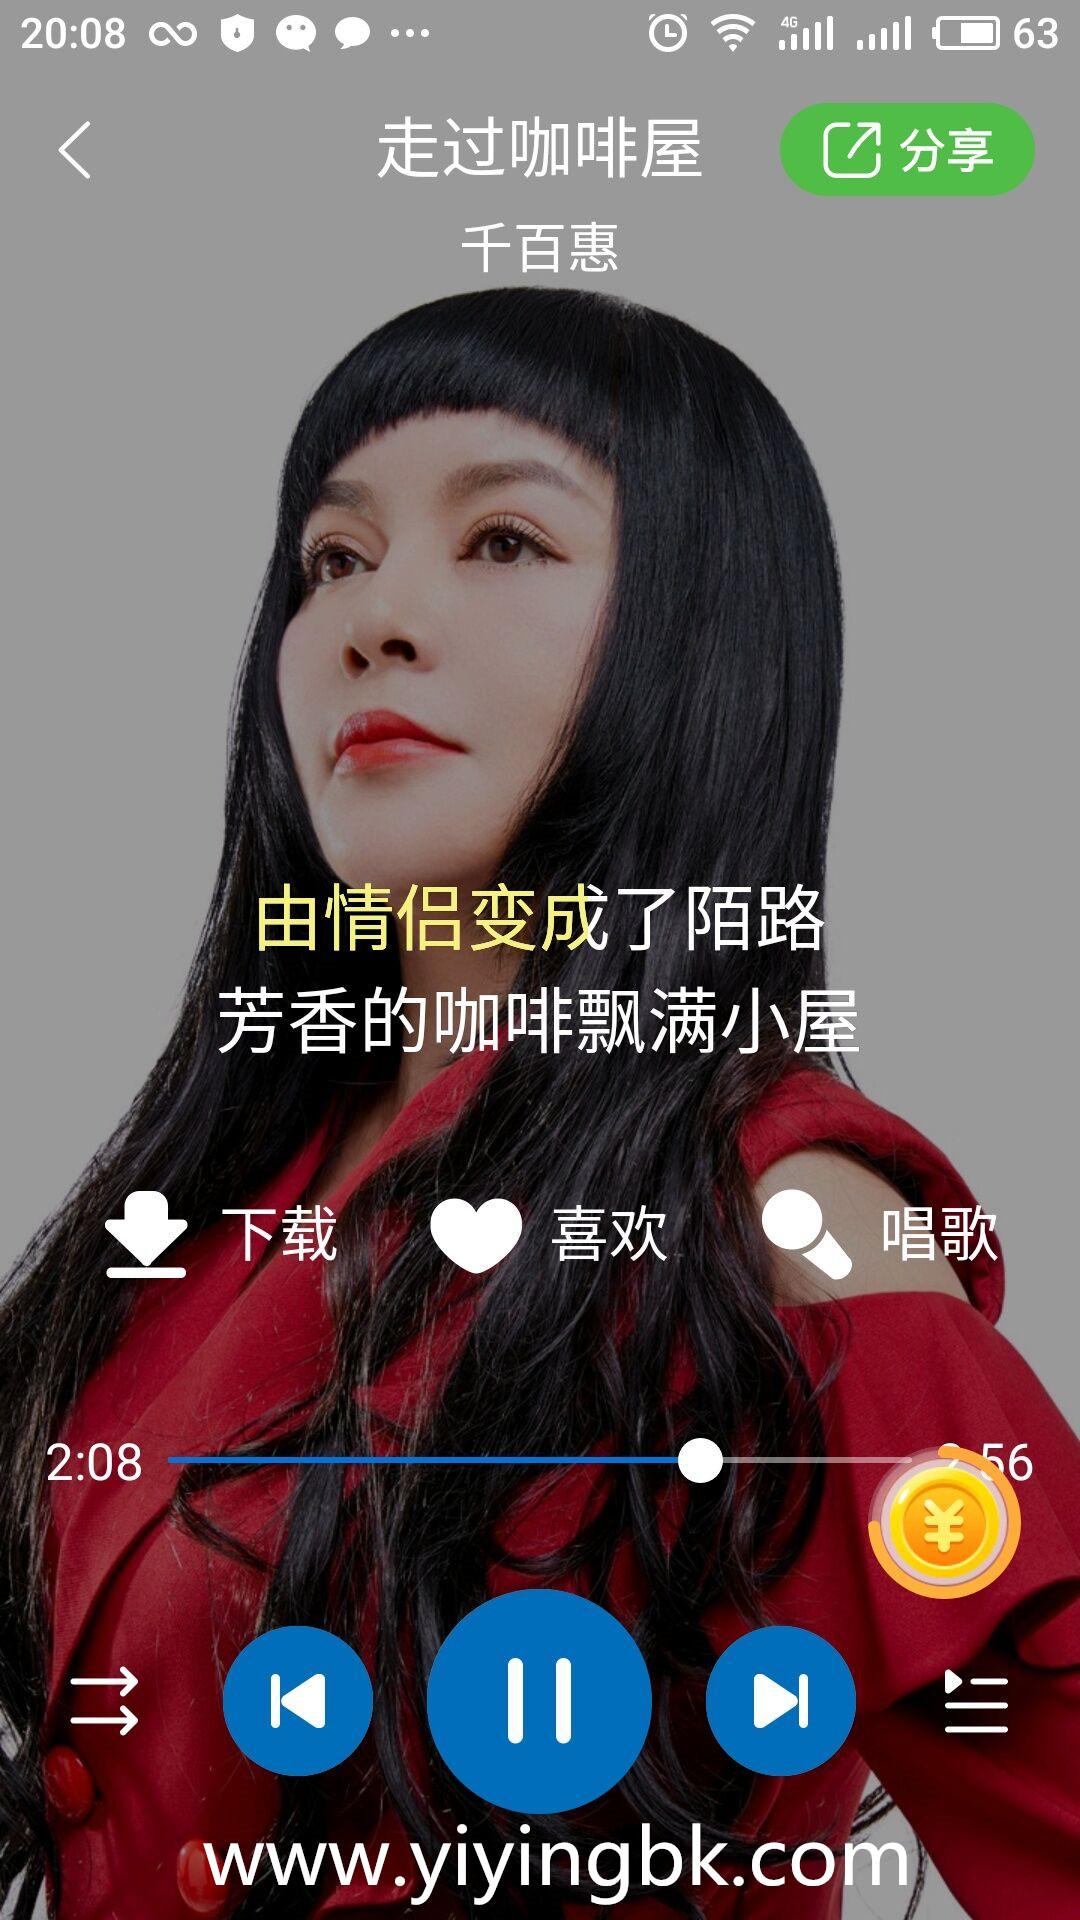 免费听音乐听歌,还能领红包赚零花钱,微信提现秒到账。www.yiyingbk.com